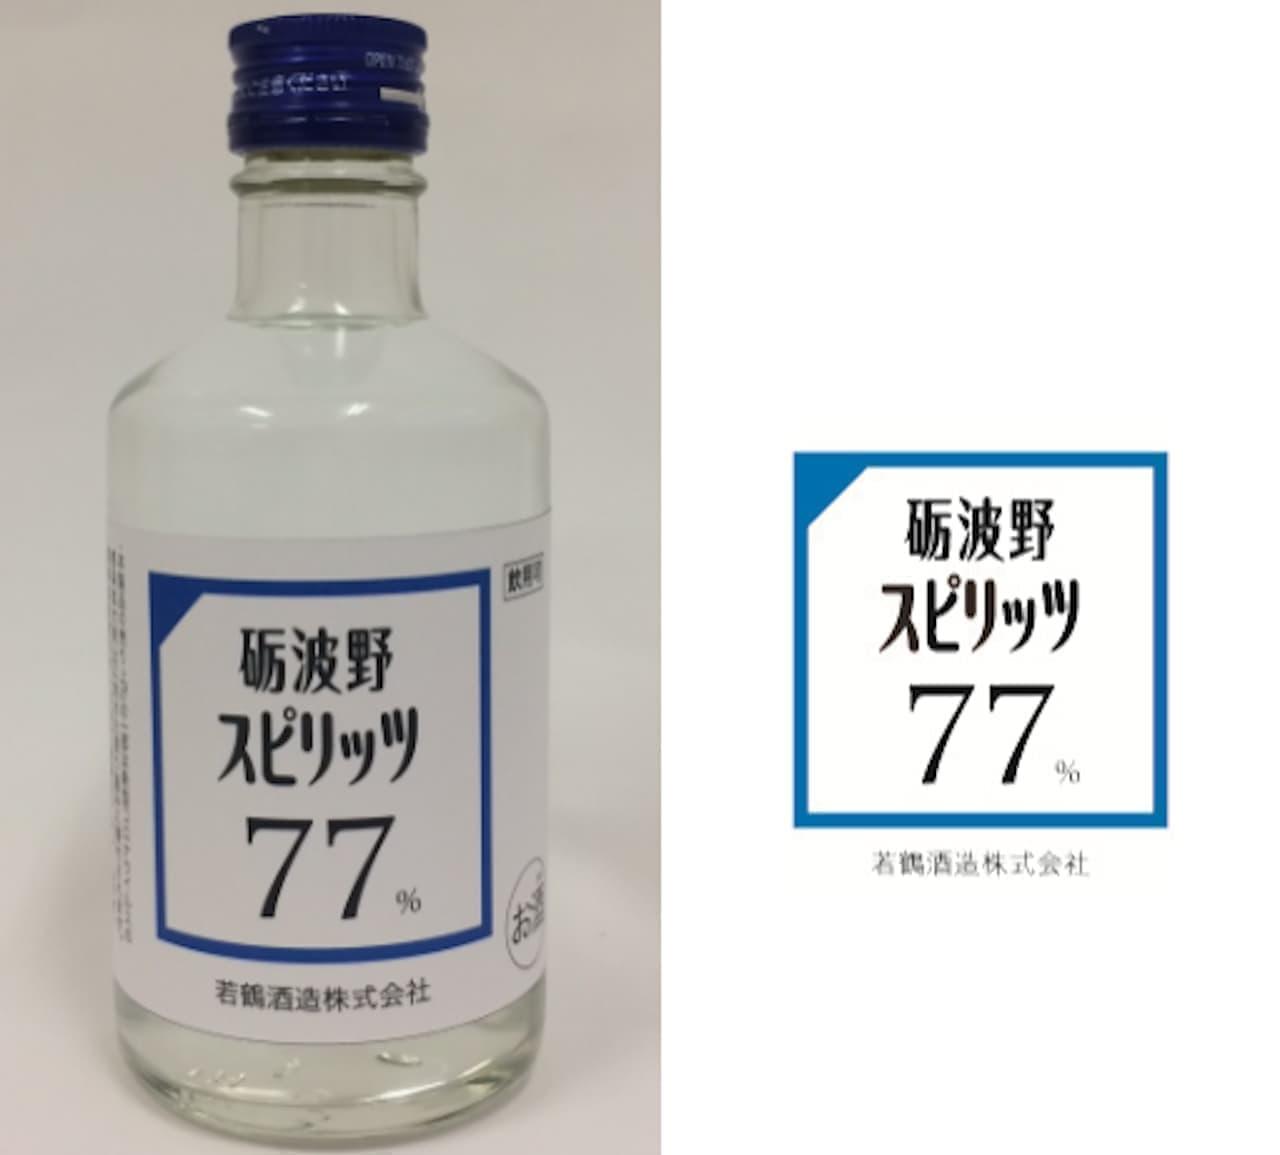 酒造会社の高濃度エタノール